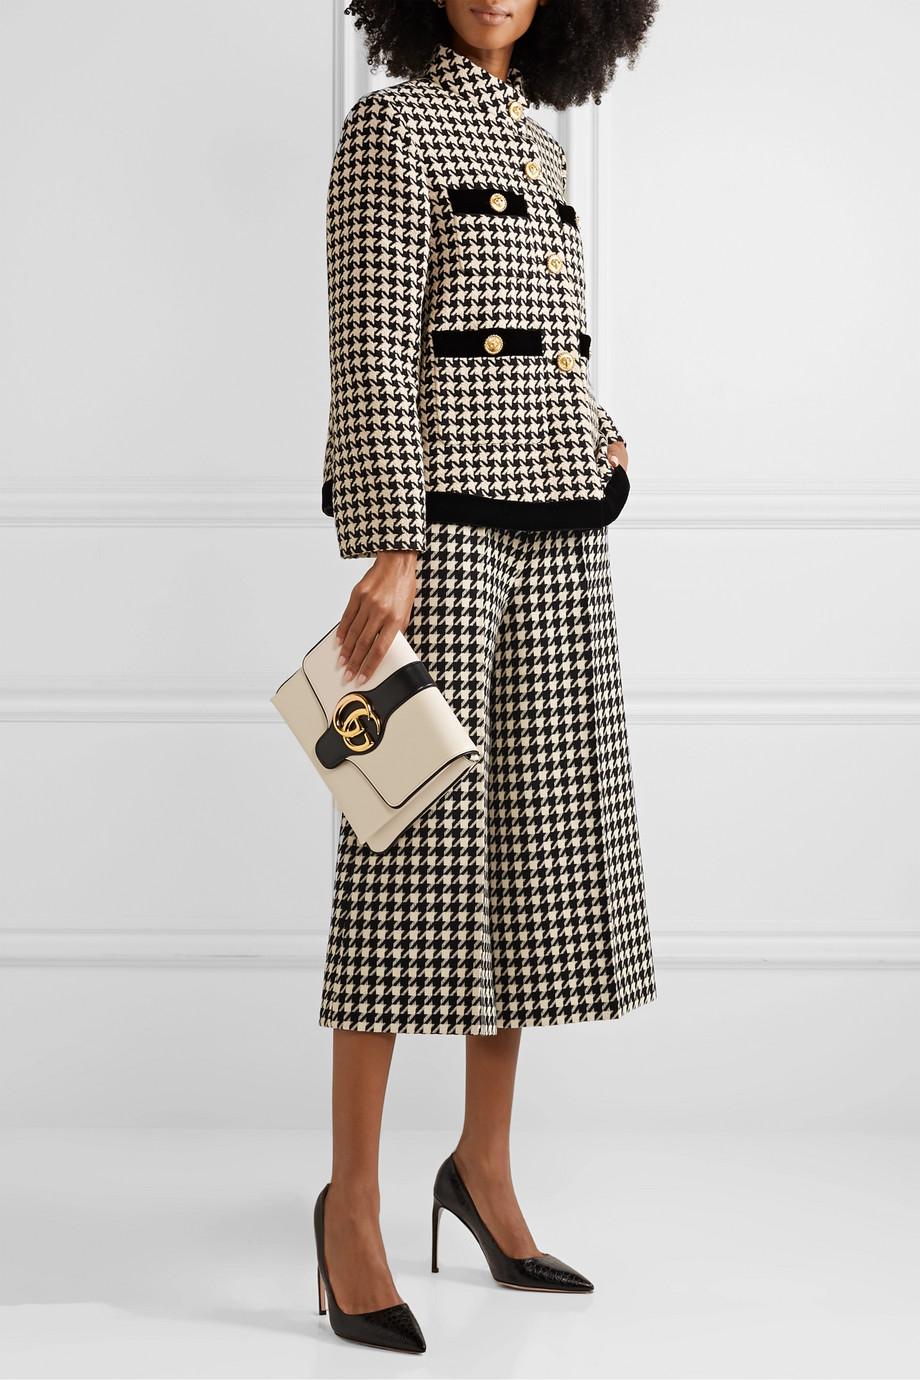 Gucci 千鸟格羊毛棉质混纺裙裤